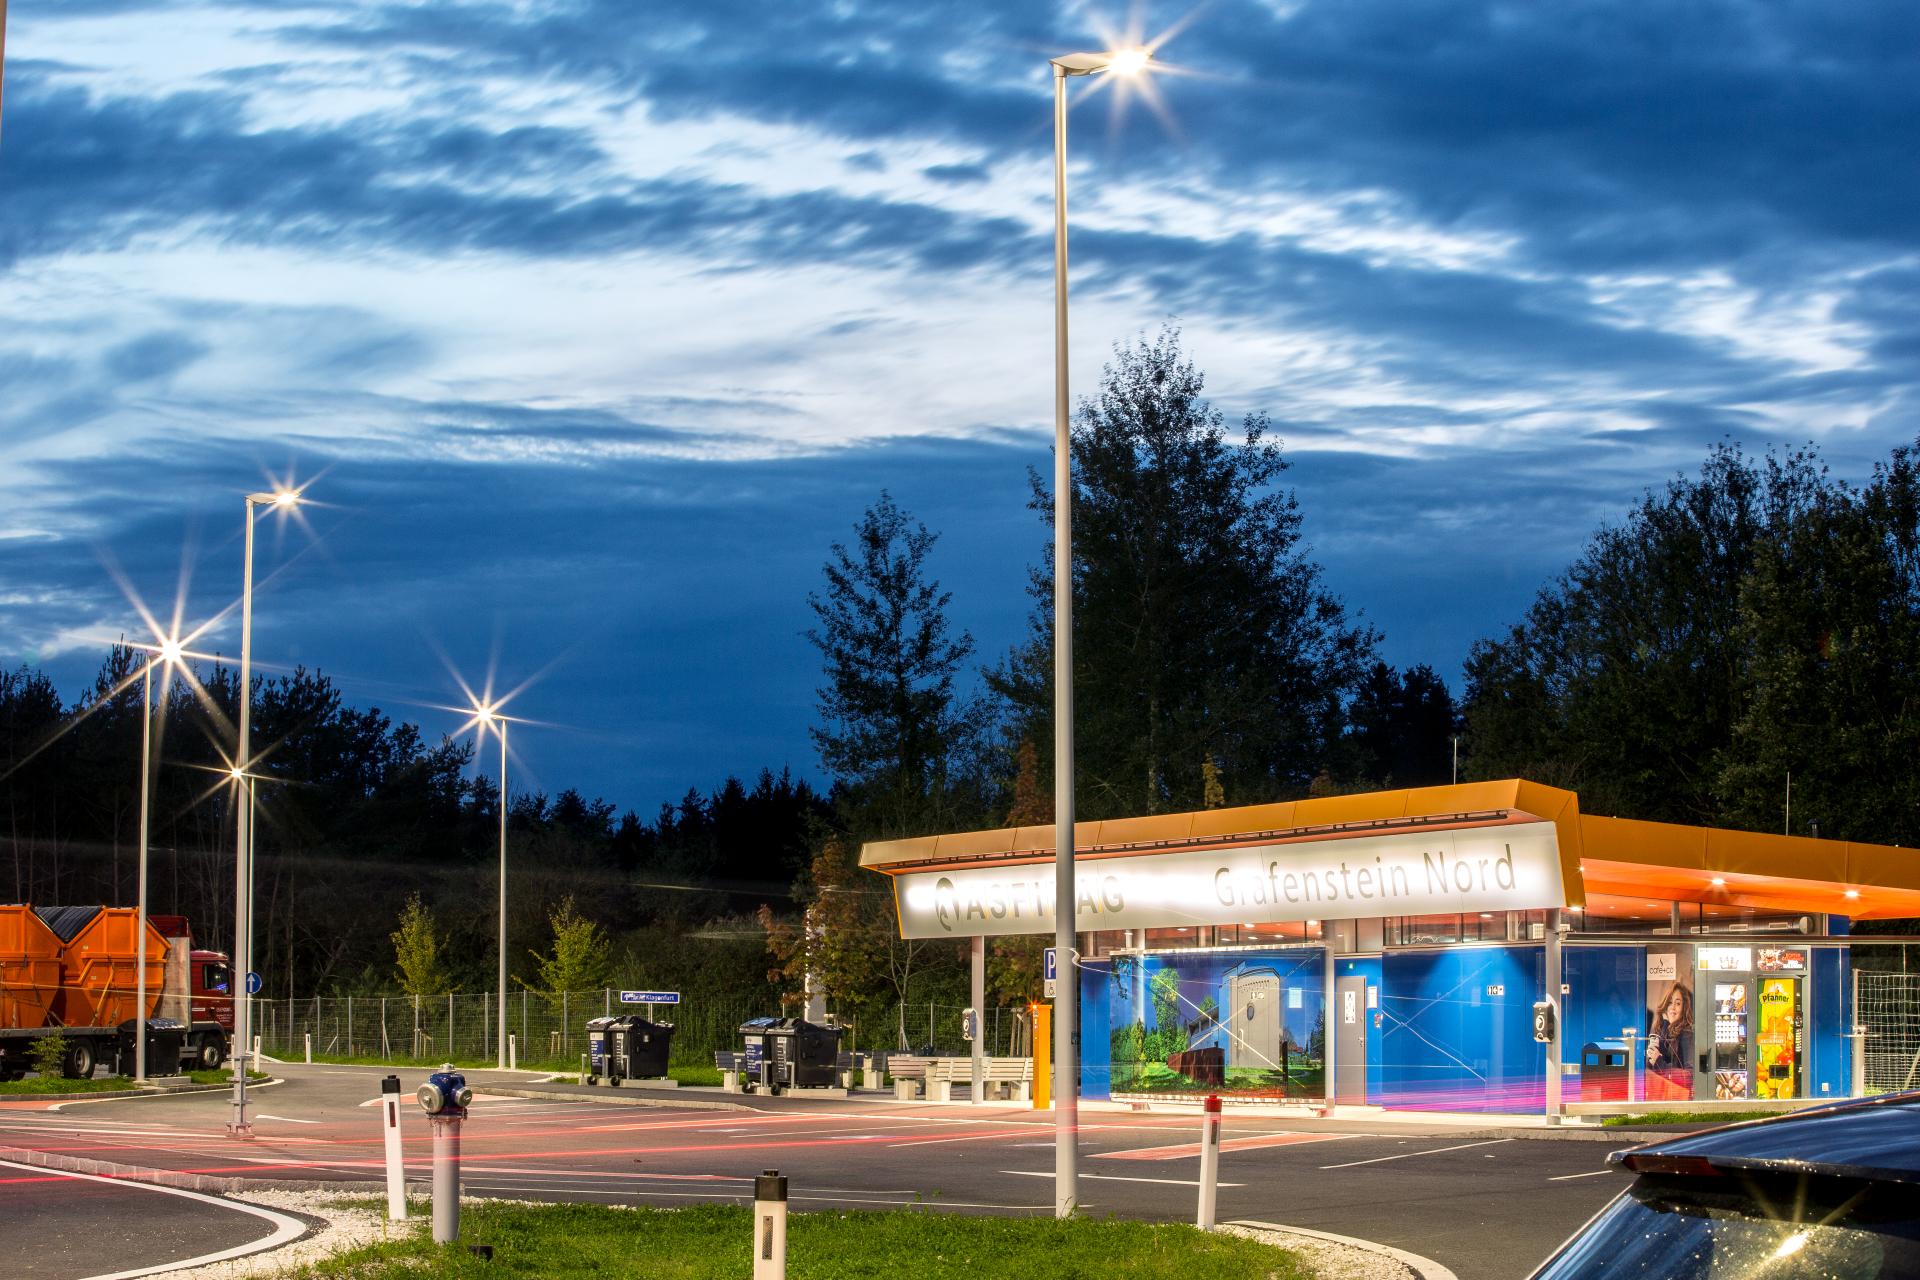 Autobahnparkplatz